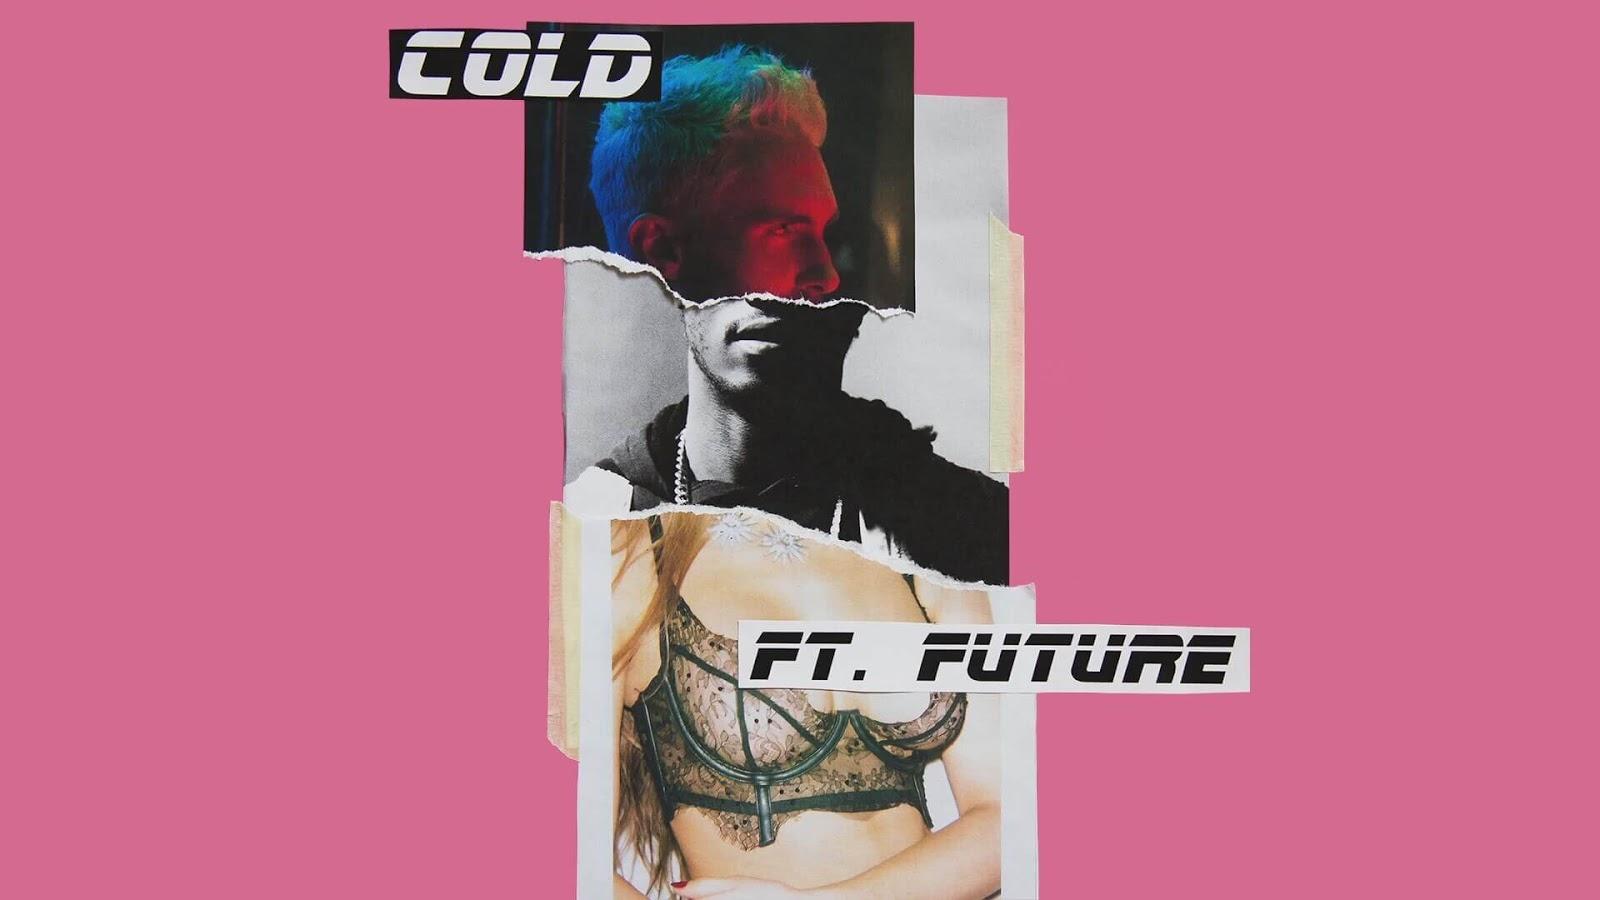 Escucha 'Cold', nuevo sencillo de Maroon 5 junto a Future